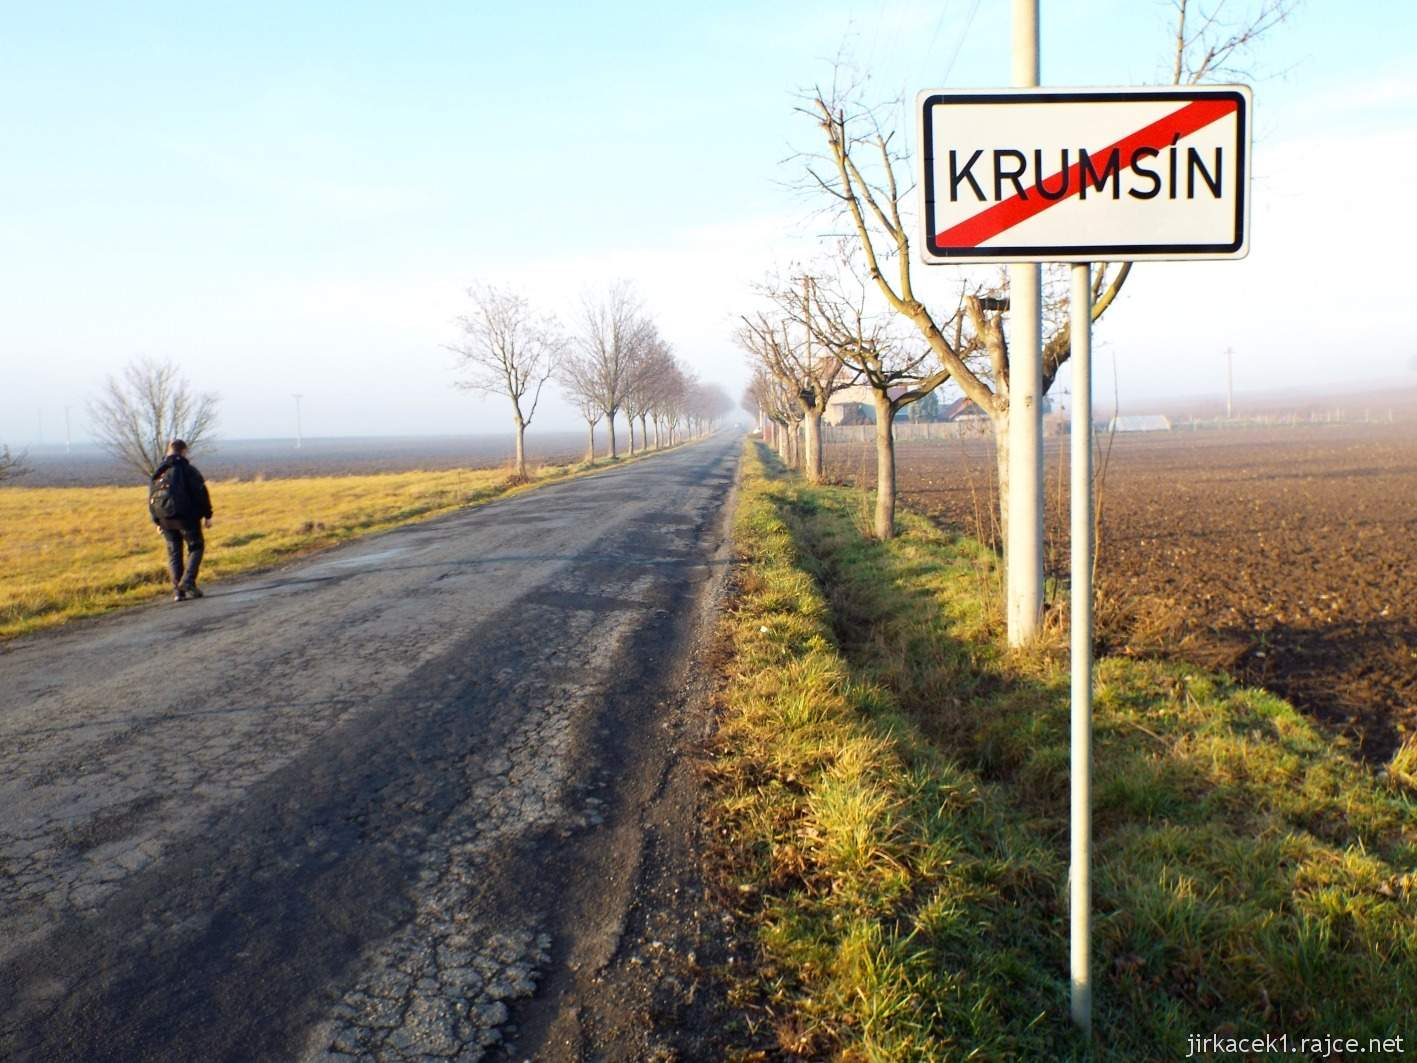 089 - konec obce Krumsín a také slunečného počasí